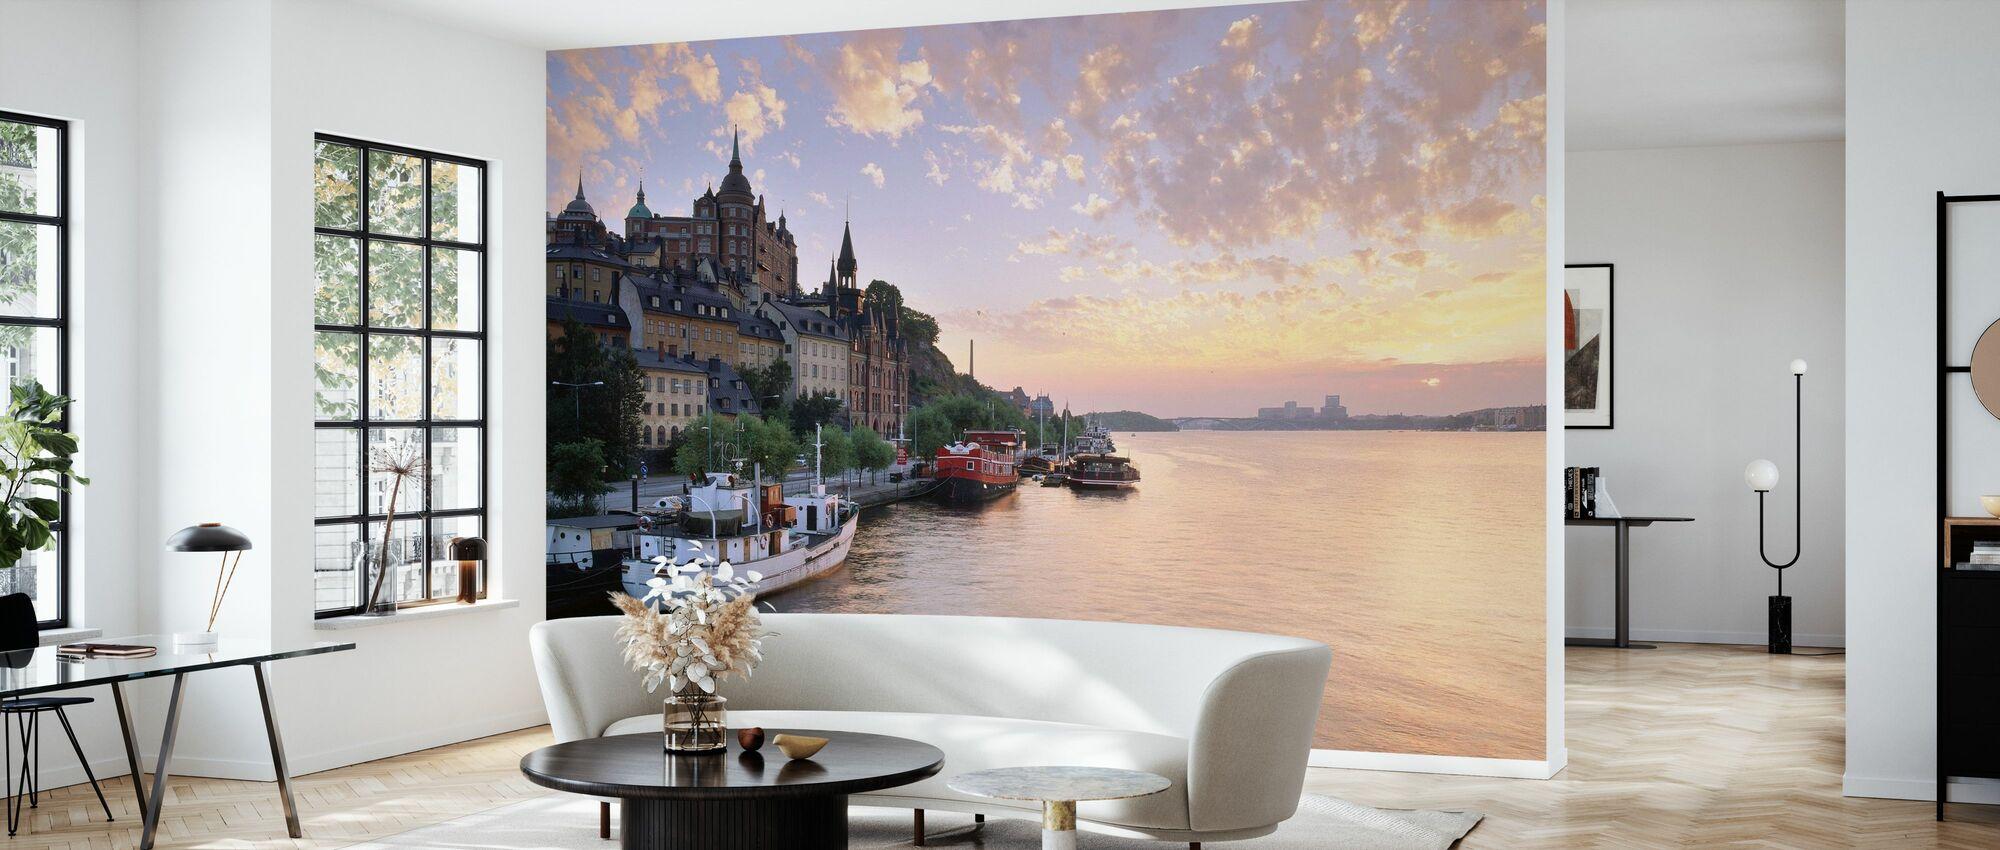 Summer Night in Stockholm - Wallpaper - Living Room